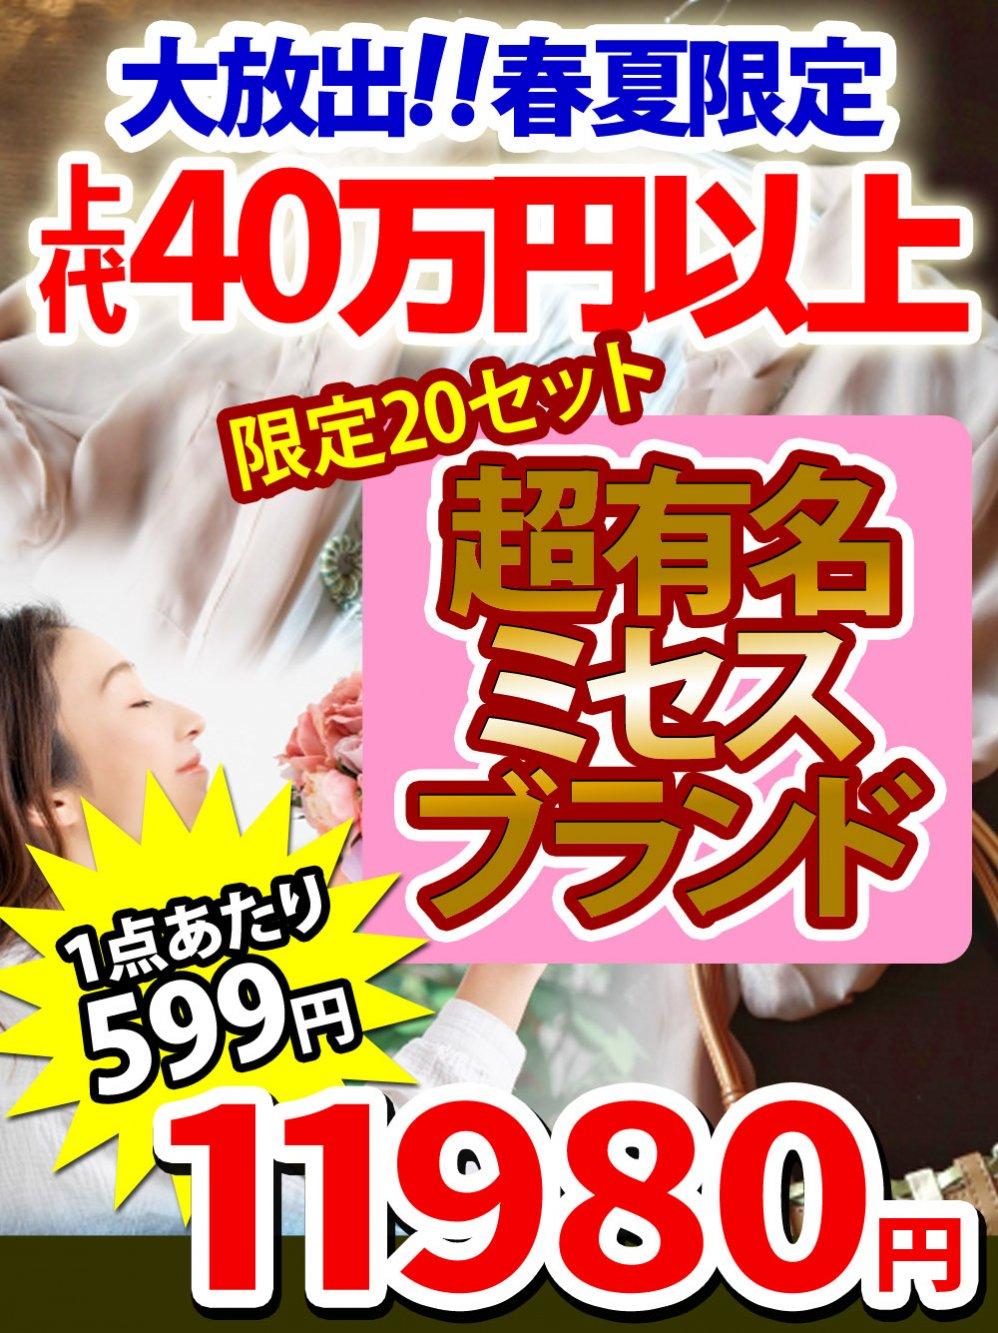 10セット限定追加!【ミセス超有名ブランド】大放出SS限定上代40万円以上入って@599【20点】